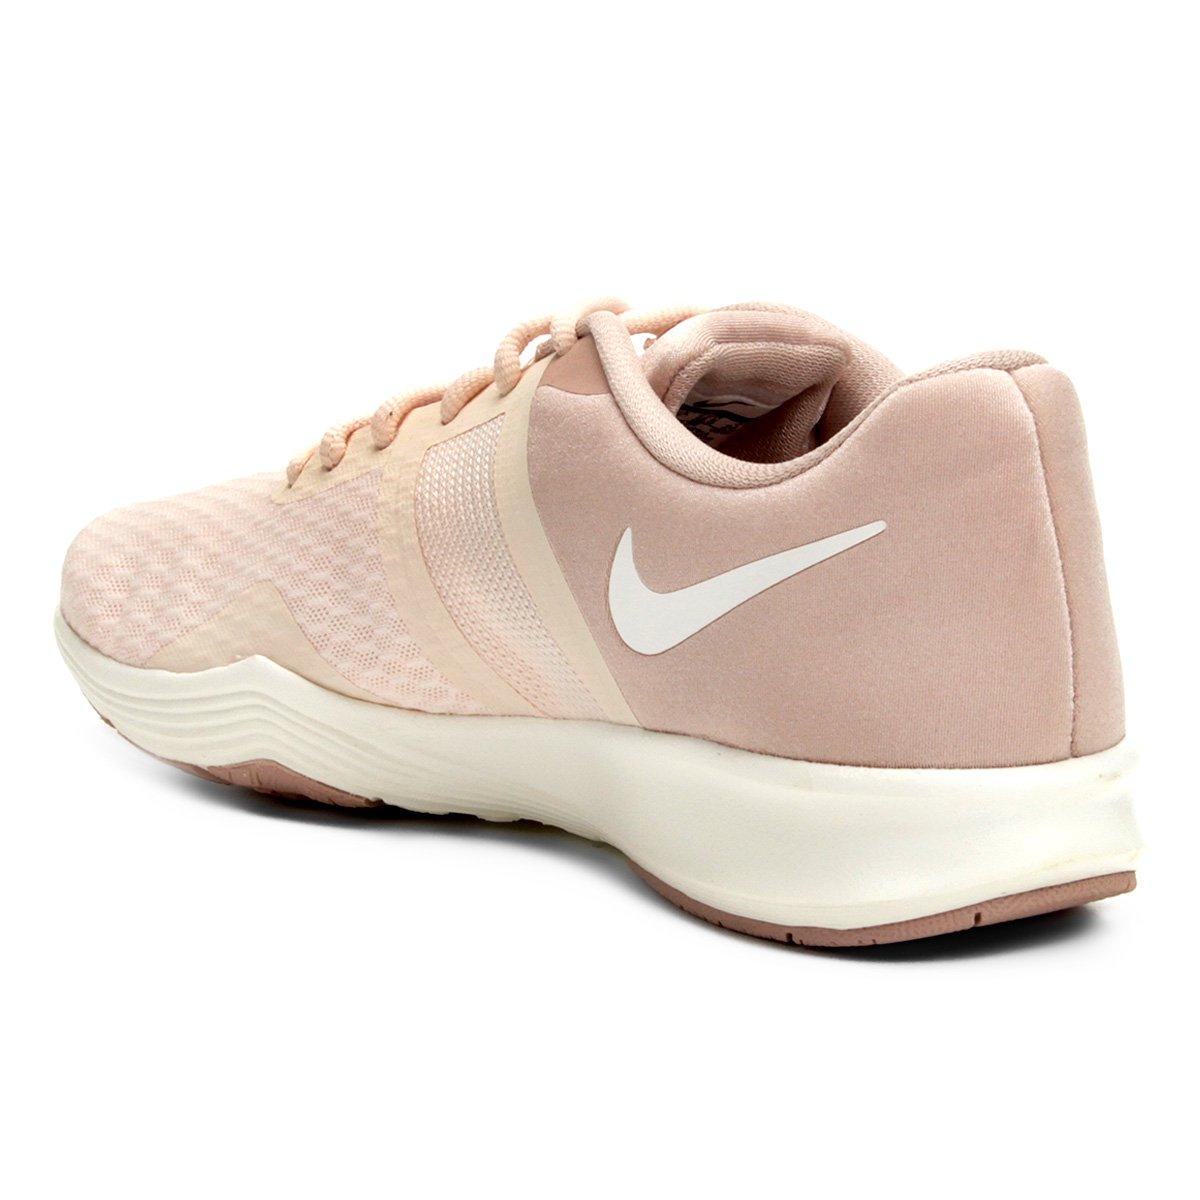 Tênis Nike City Trainer 2 Feminino - Bege - Compre Agora  3e062b6ed0c17